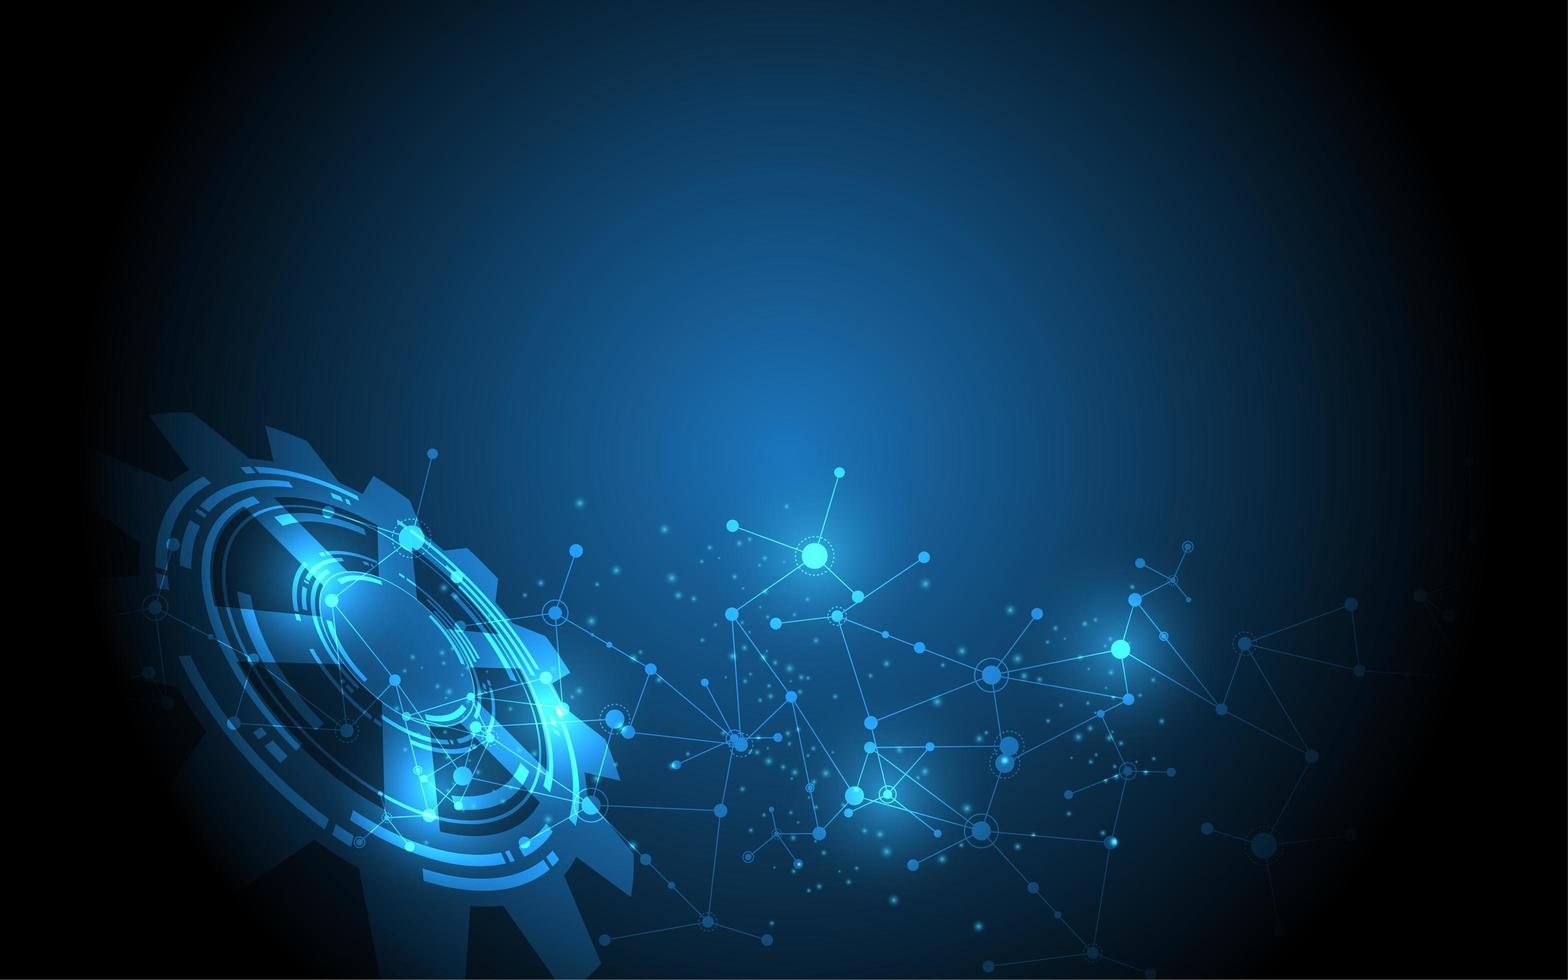 diseño abstracto azul tecnología de comunicación vector